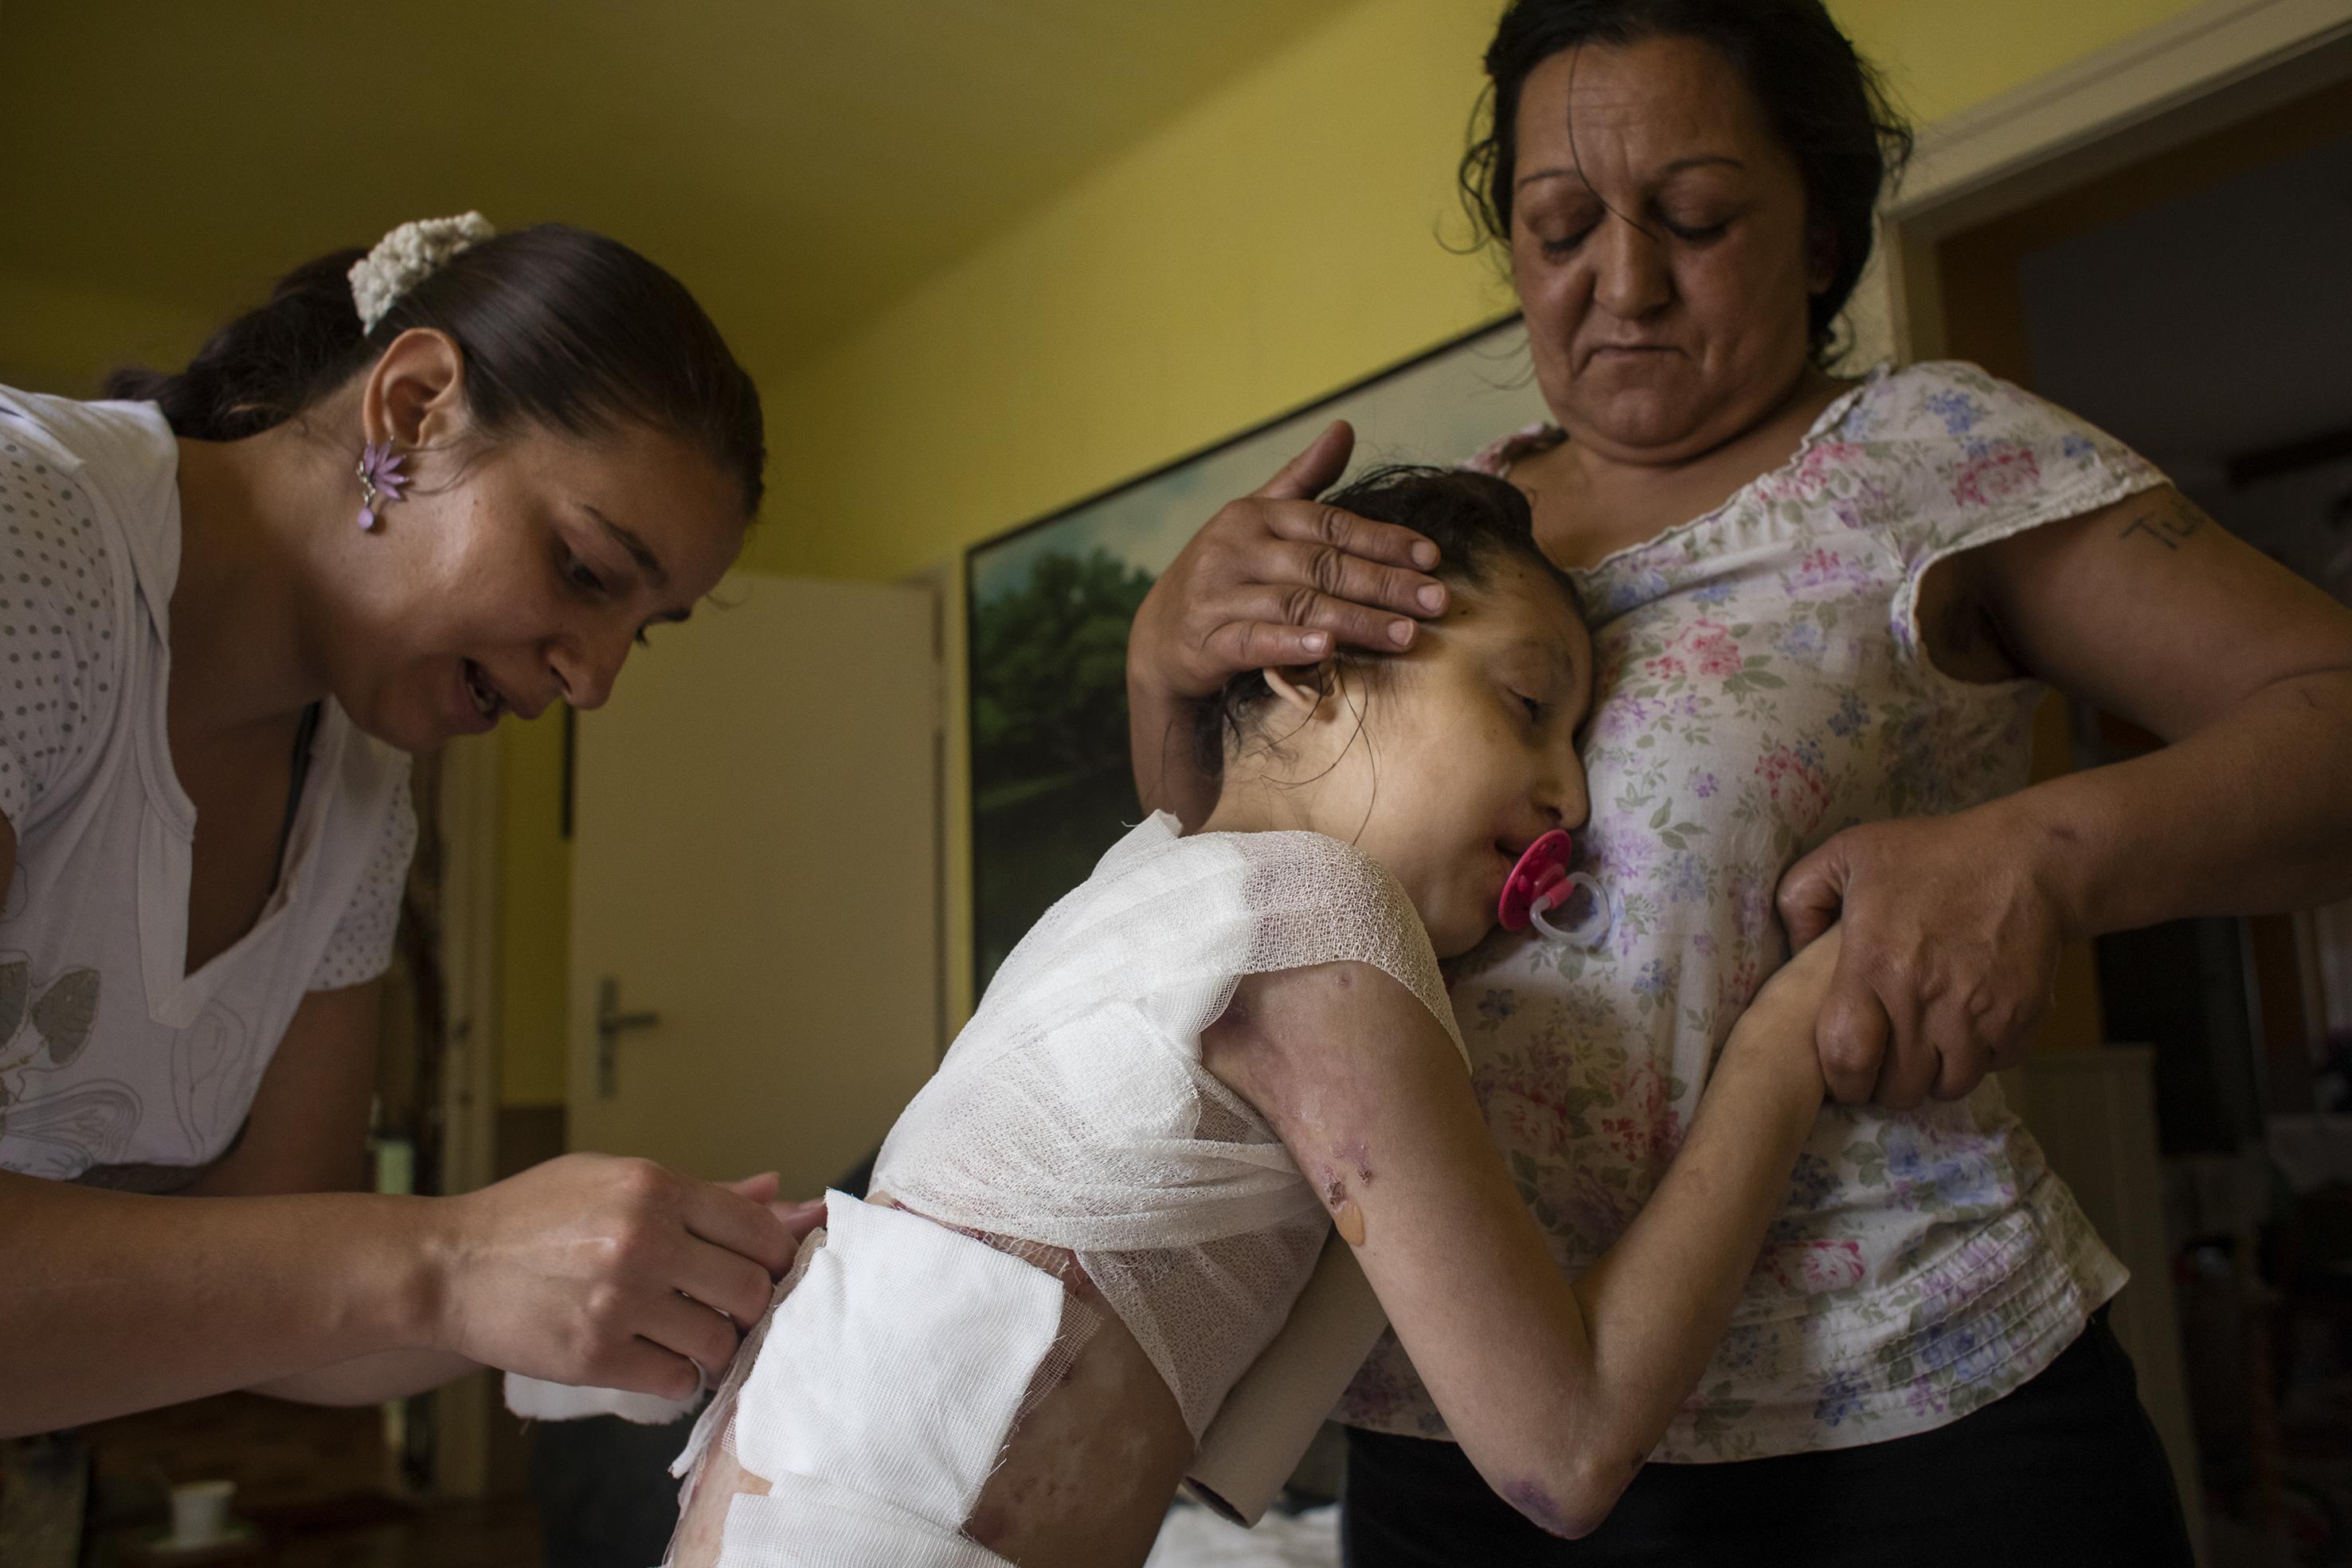 Fotó: Kovács Bea: Lídia és Karol átkötözik Miranda sebeit. Az akár 2-3 órán át tartó kötszercserék a lány napjainak legfontosabb és egyben legfájdalmasabb eseményei voltak.